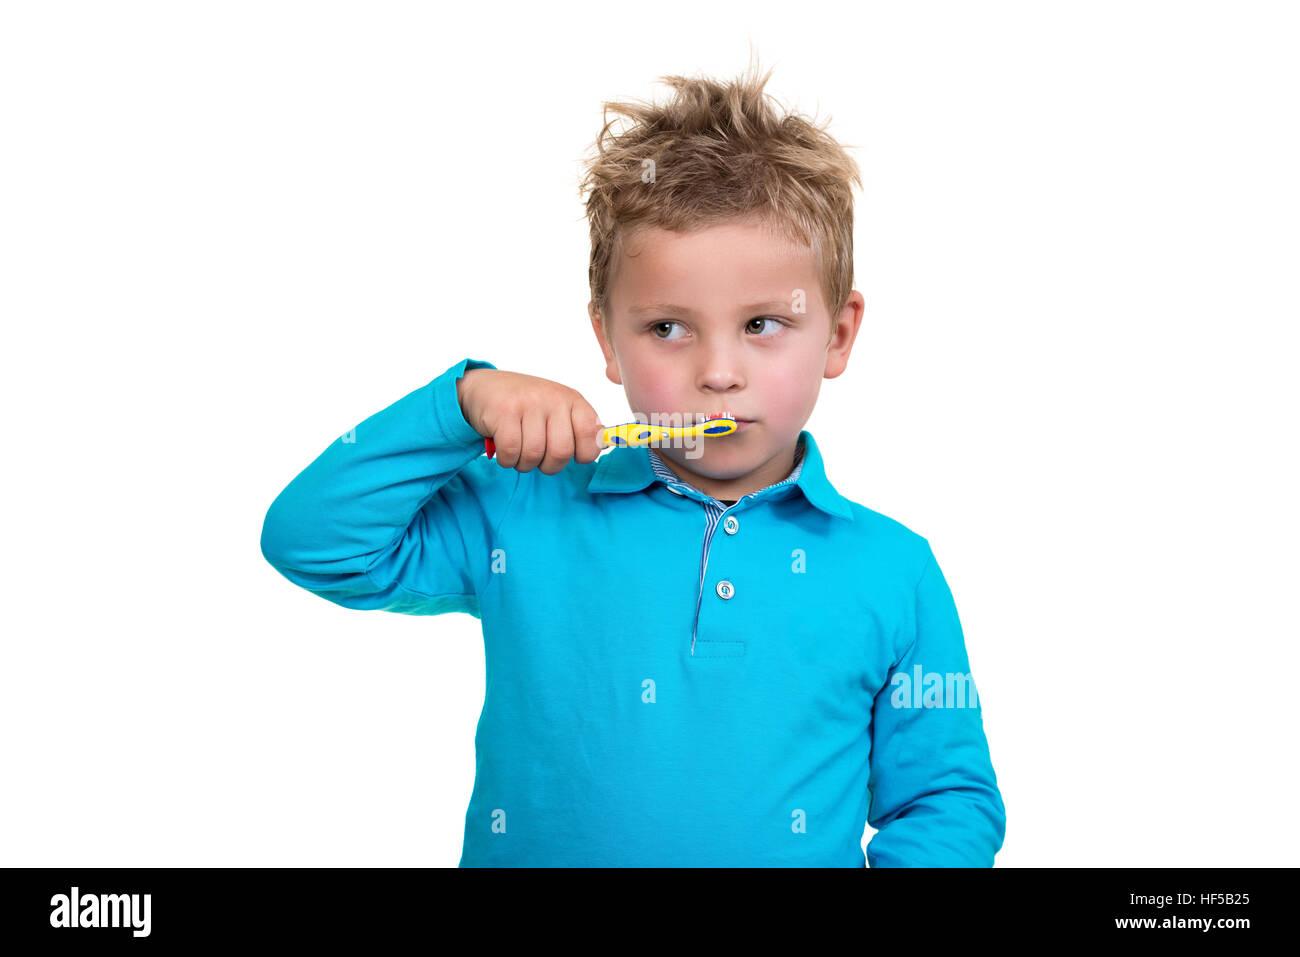 Little Boy Brushing Teeth on white background - Stock Image